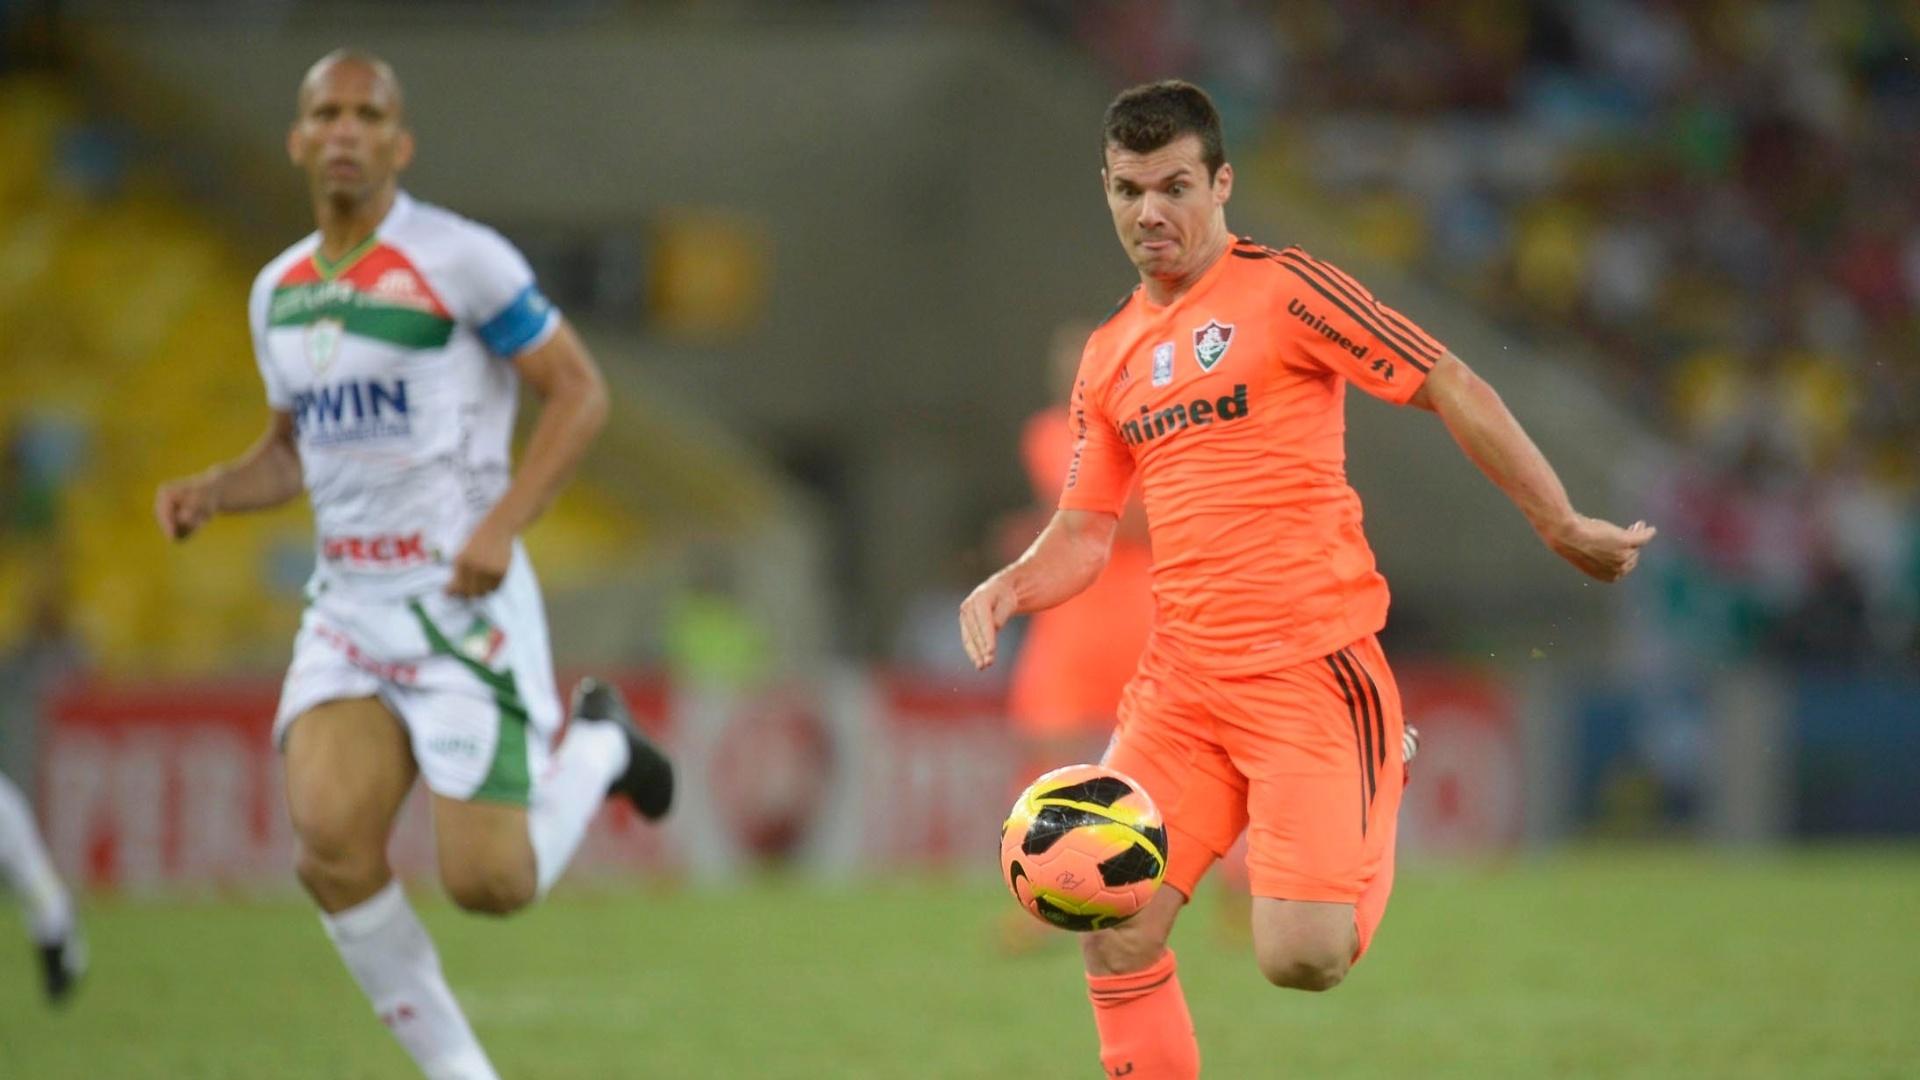 14.set.2013 - Seguido de perto por Valdomiro, da Portuguesa, meia Wagner, do Fluminense, conduz a bola no campo do Maracanã